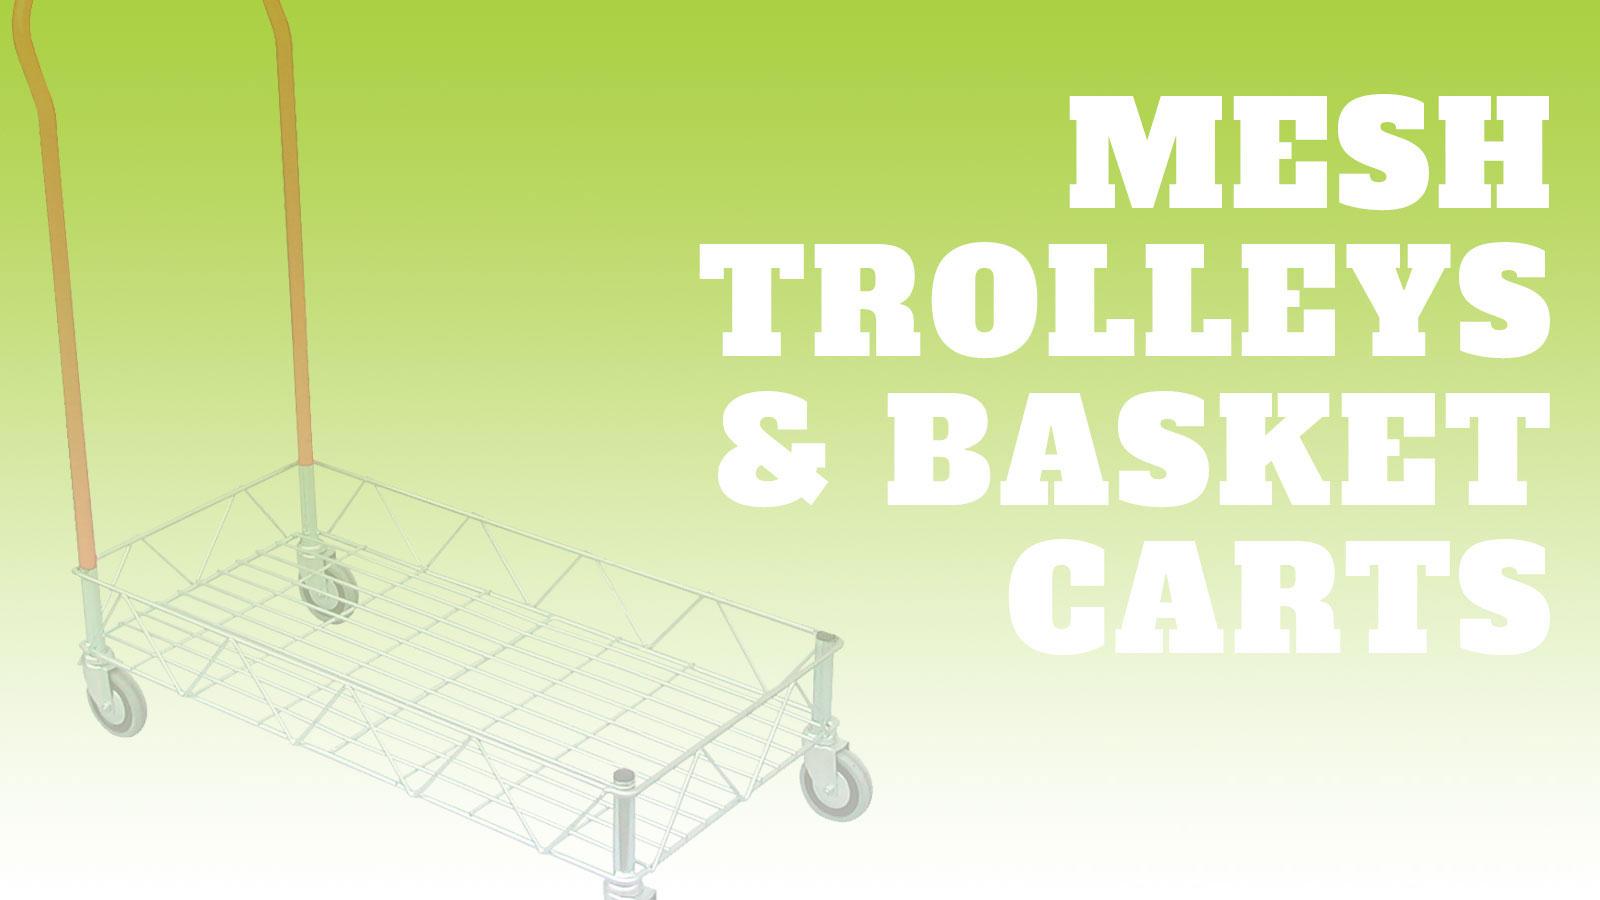 Warehouse-Mesh-Trolleys-&-Basket